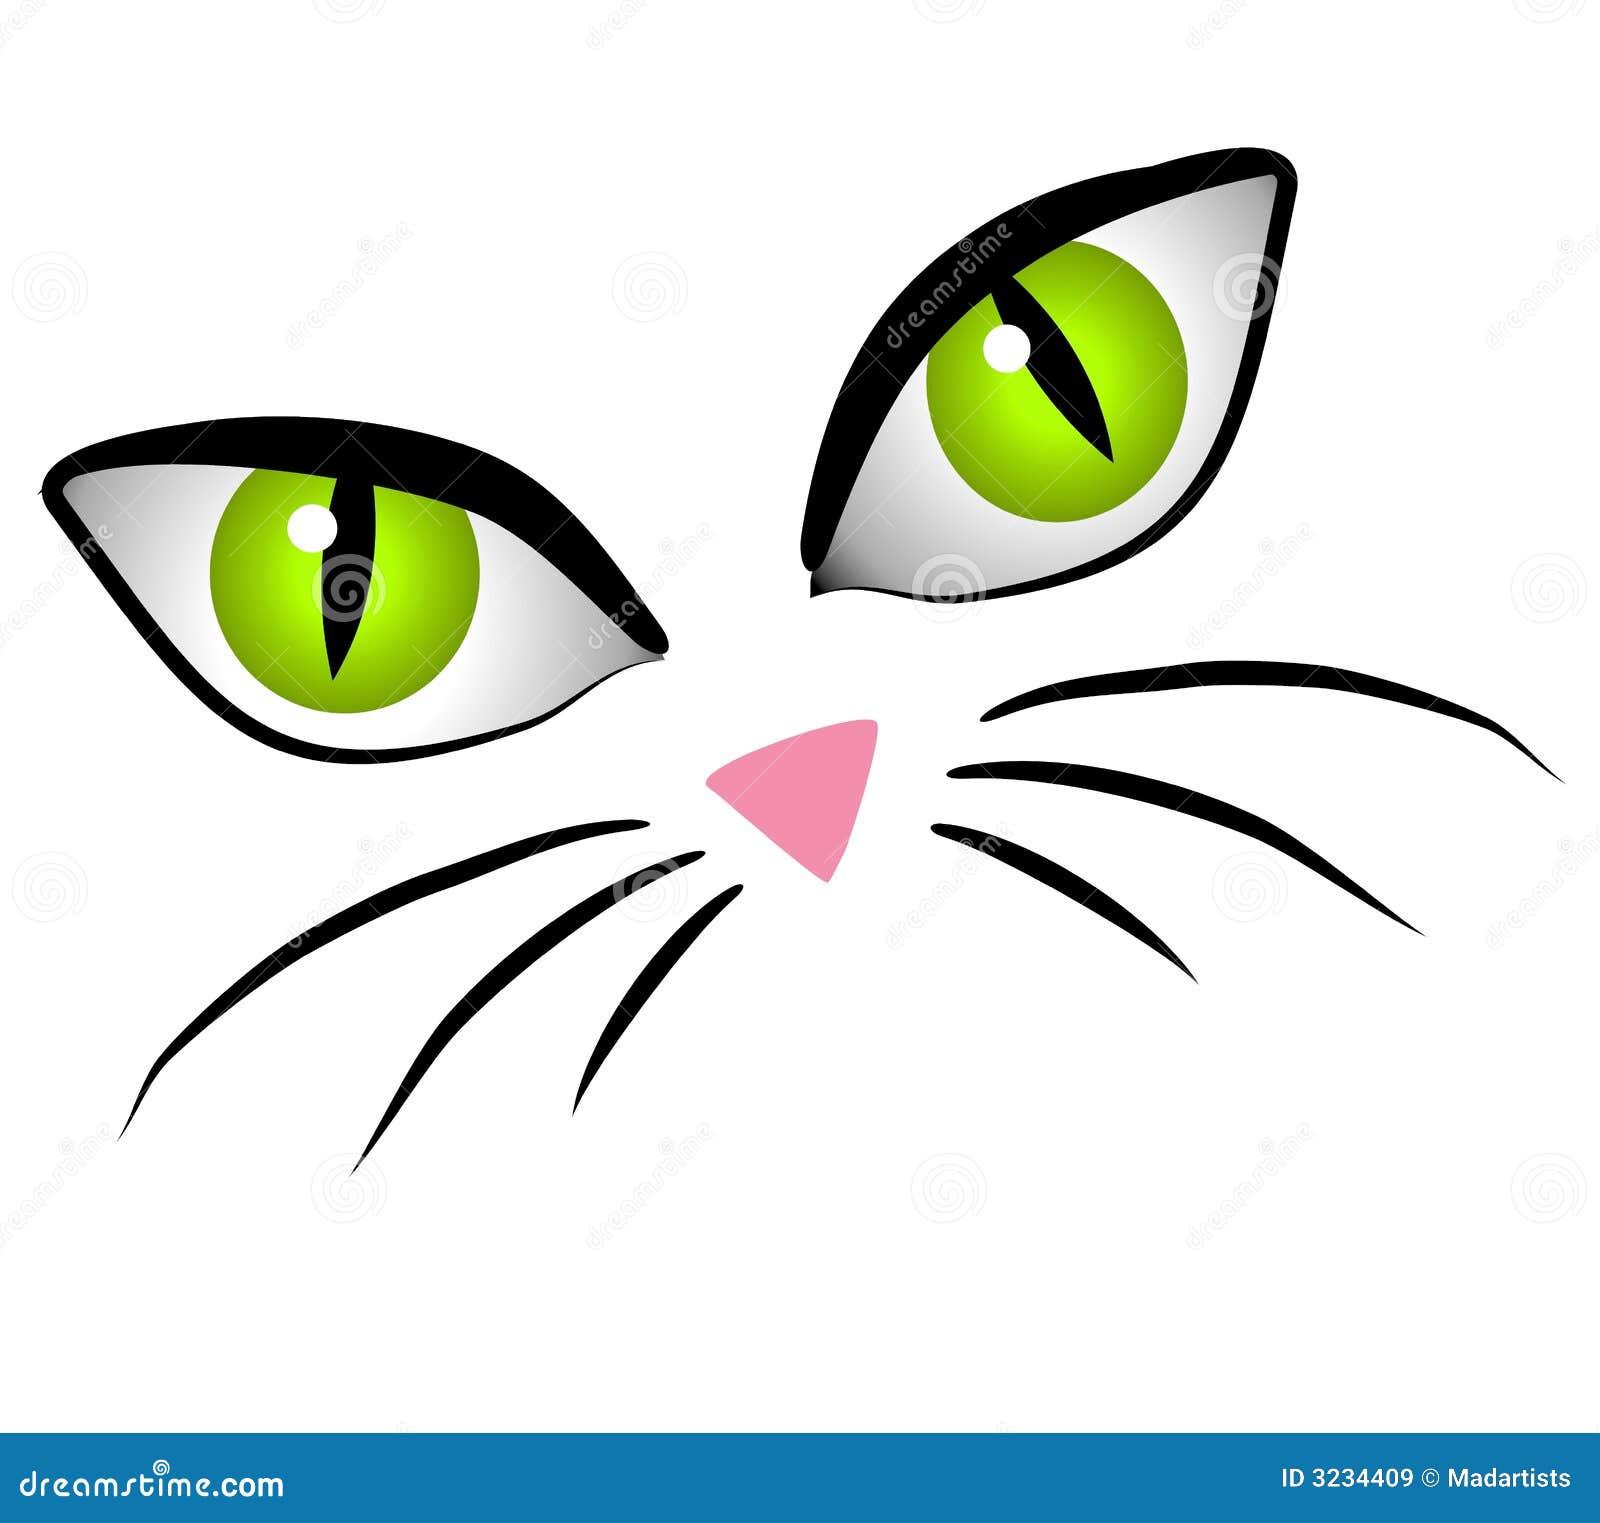 le visage de chat de dessin anim u00e9 observe le clipart cat face clip art black cat face clipart free